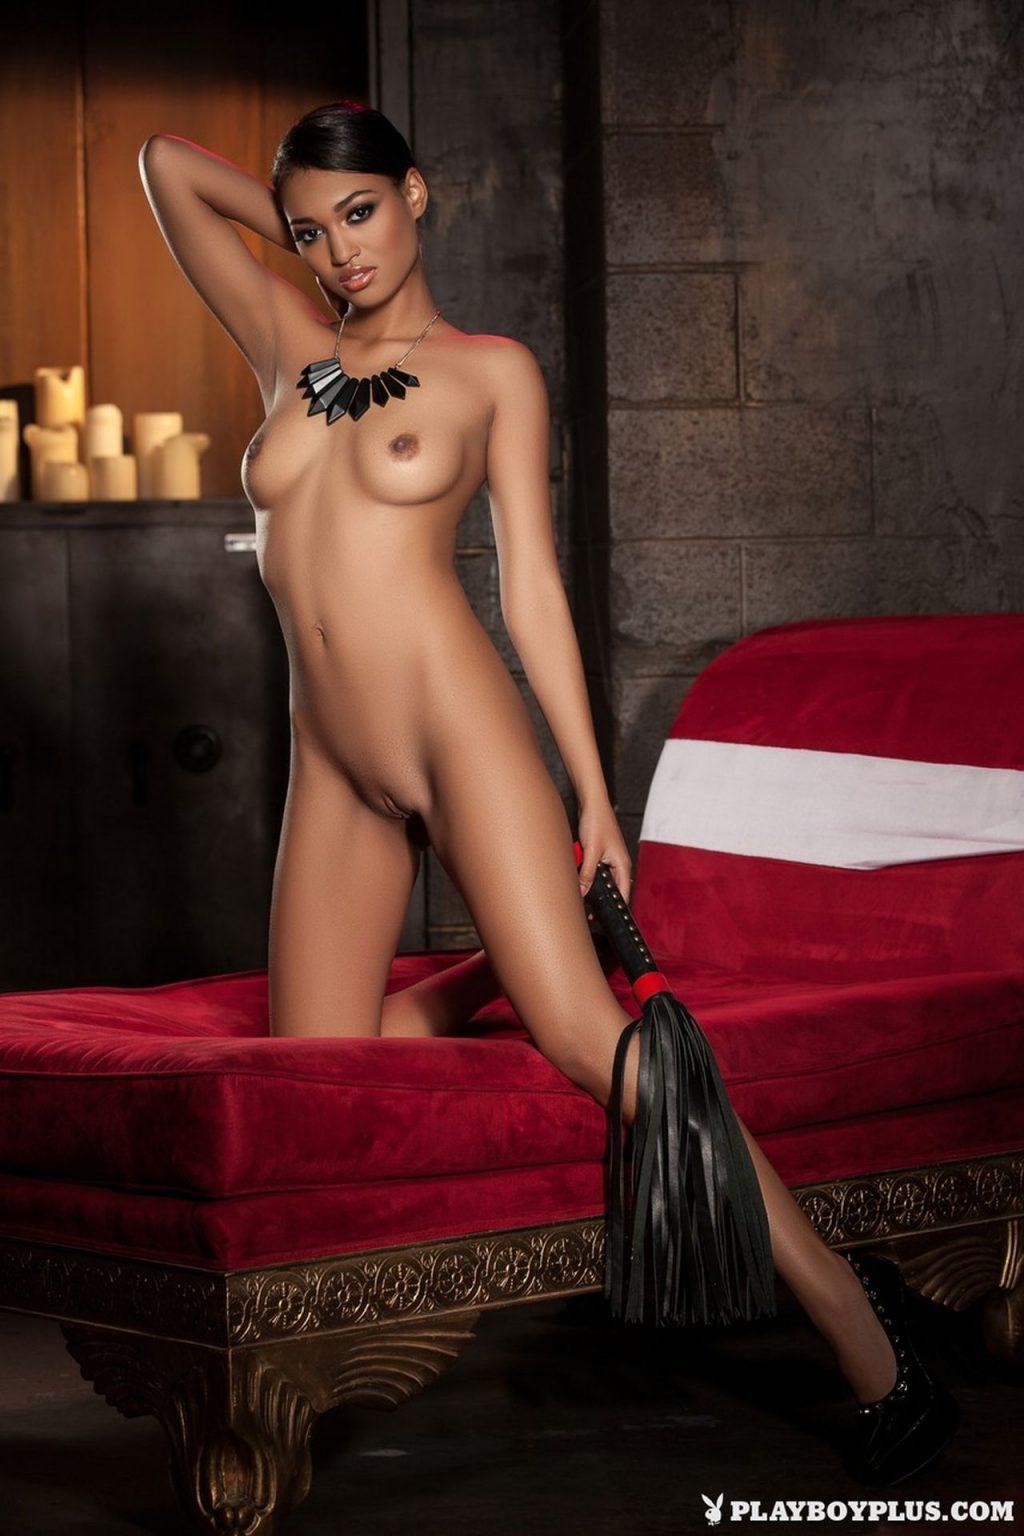 Noelle Monique Nude Thefappeningblog Com 21 1024x1536